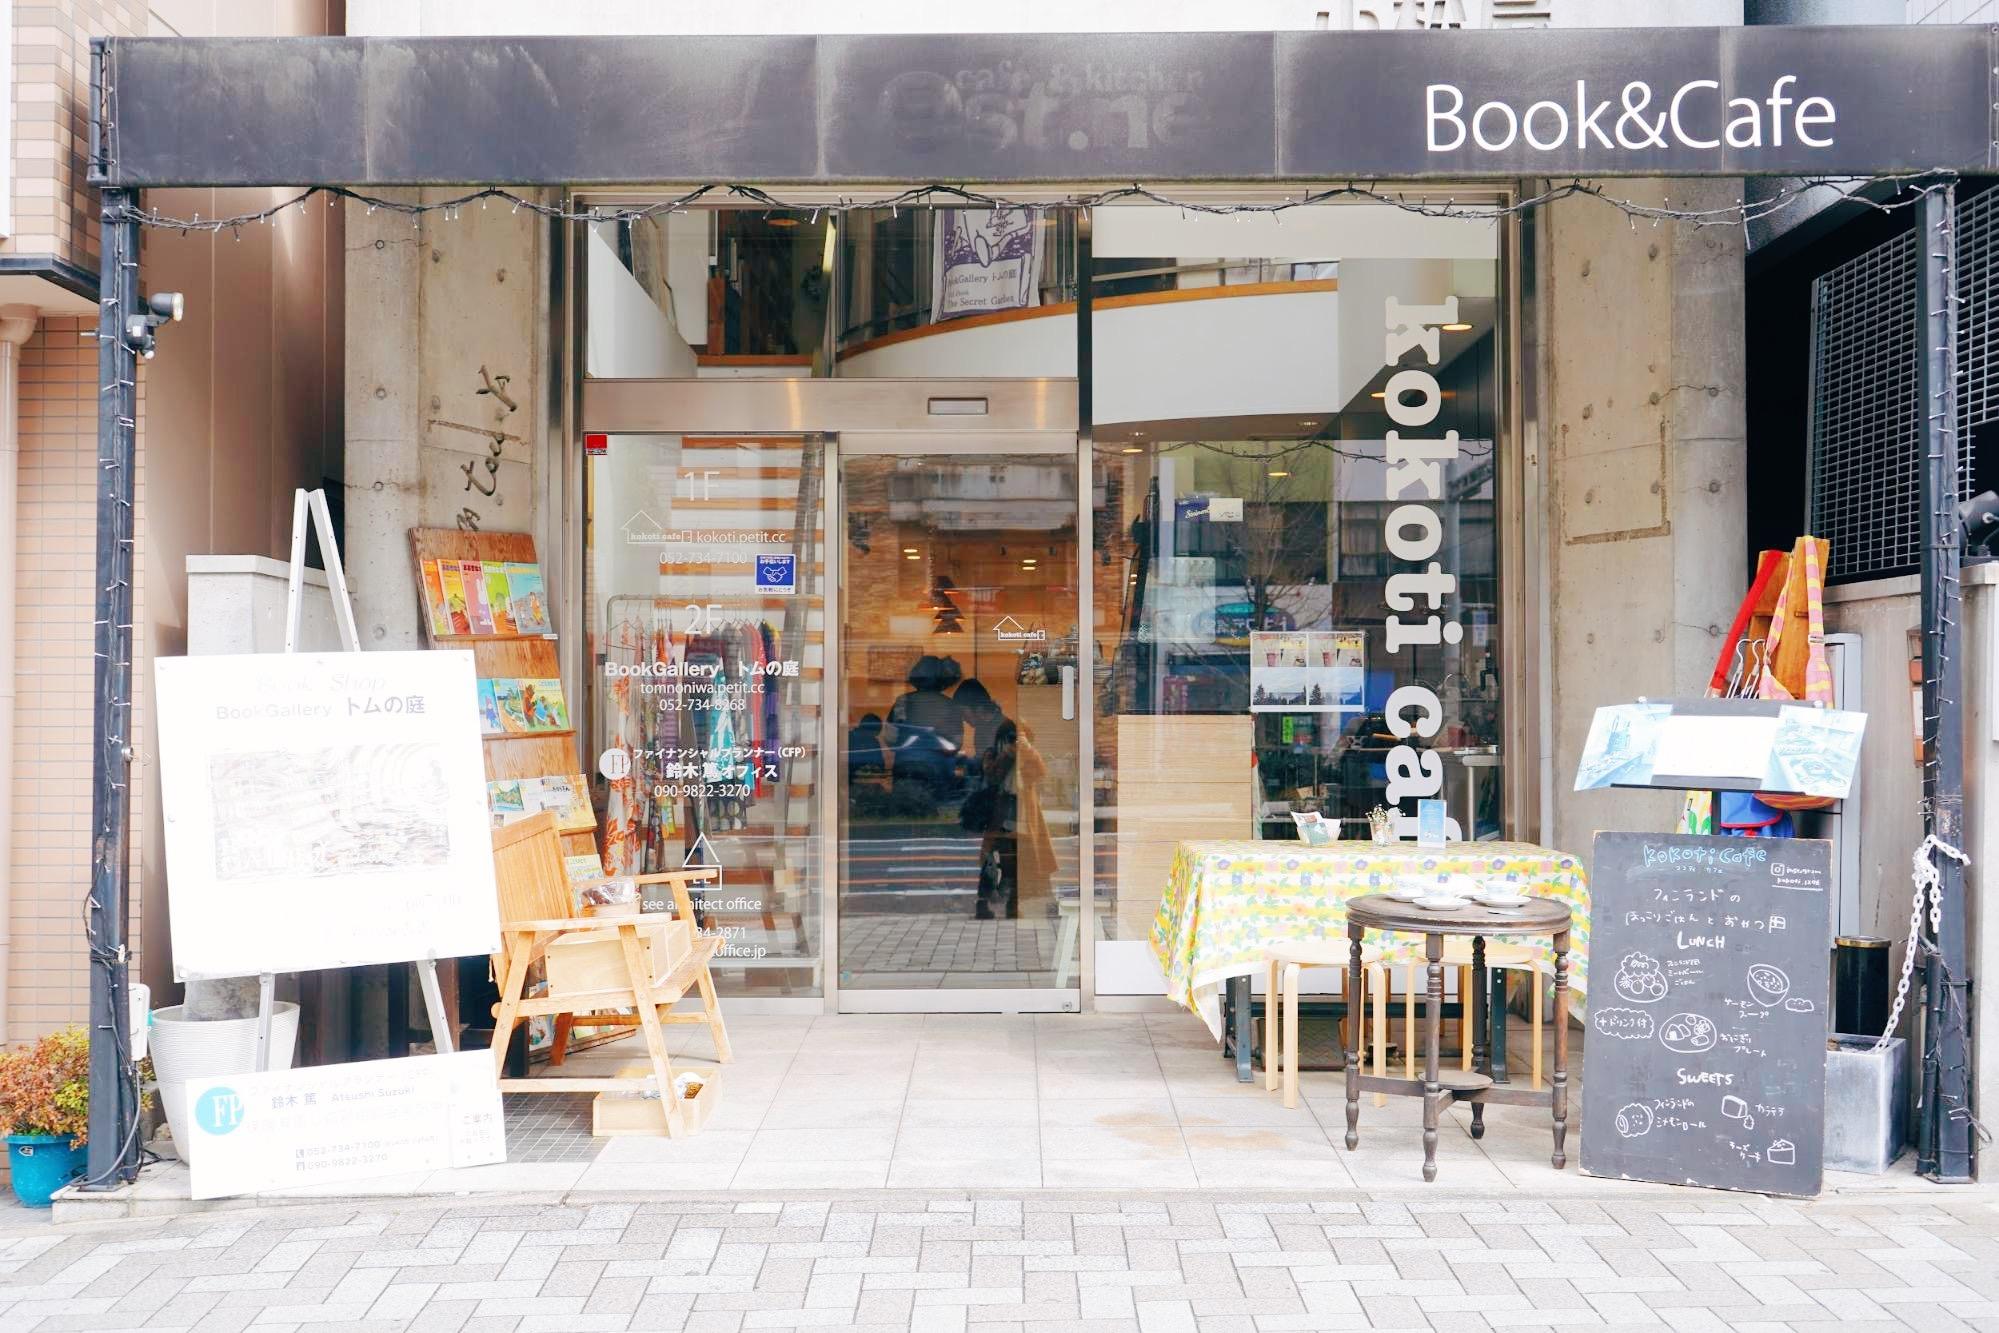 「ただいま」って言いたくなったら。通うほどに心地よくなるブックカフェ『kokoti cafe』 - image3